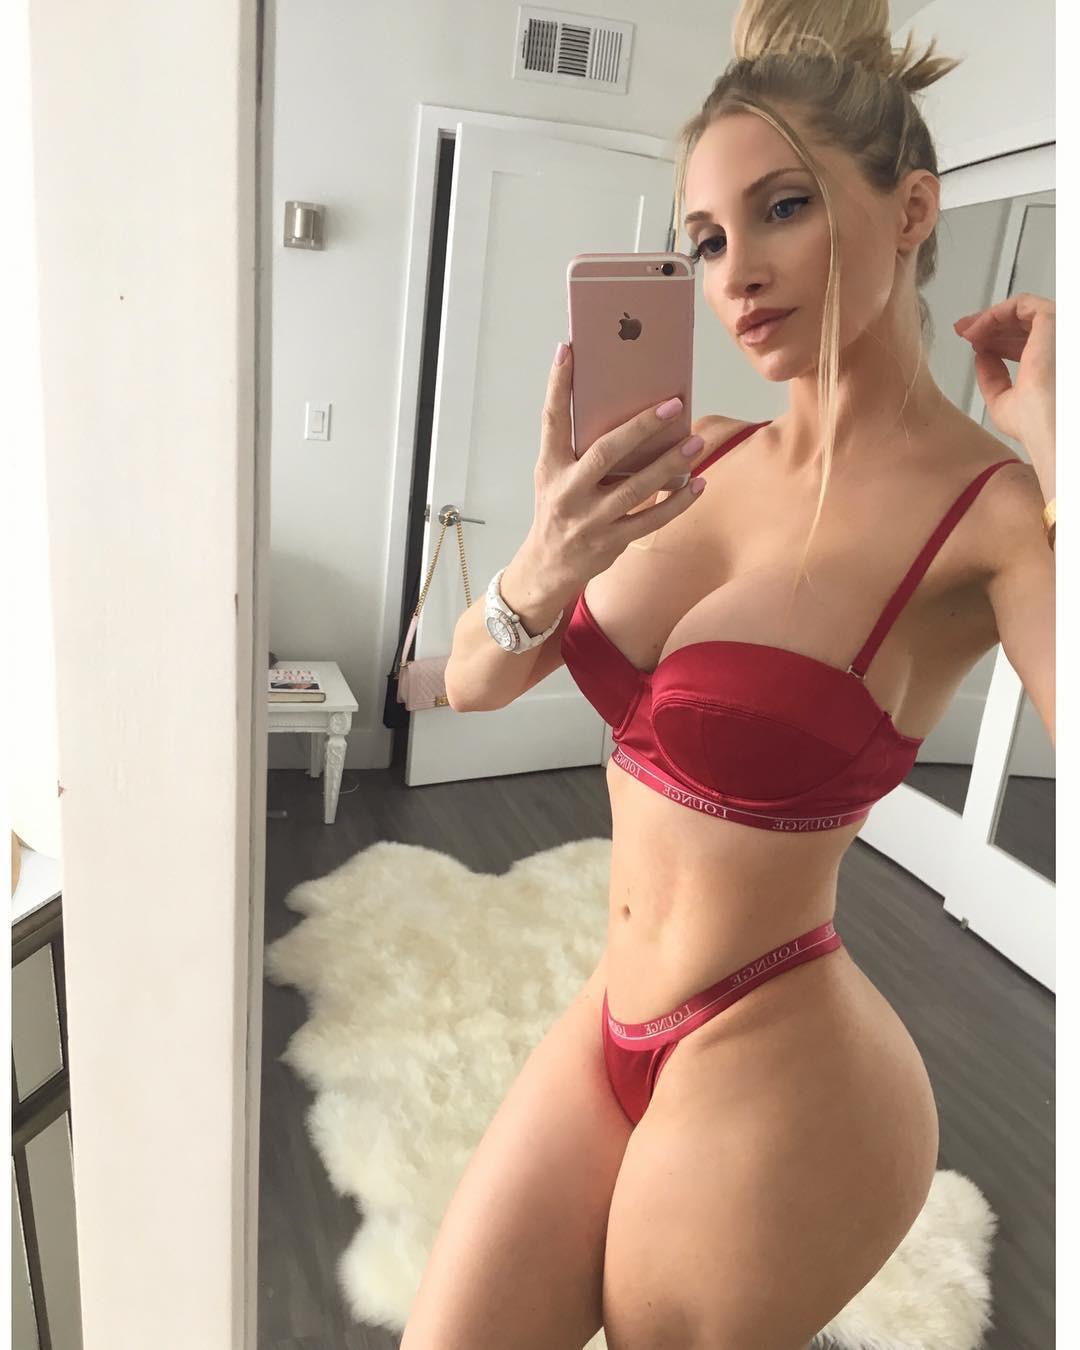 Amanda elise lee sexiest, Sexy bikini